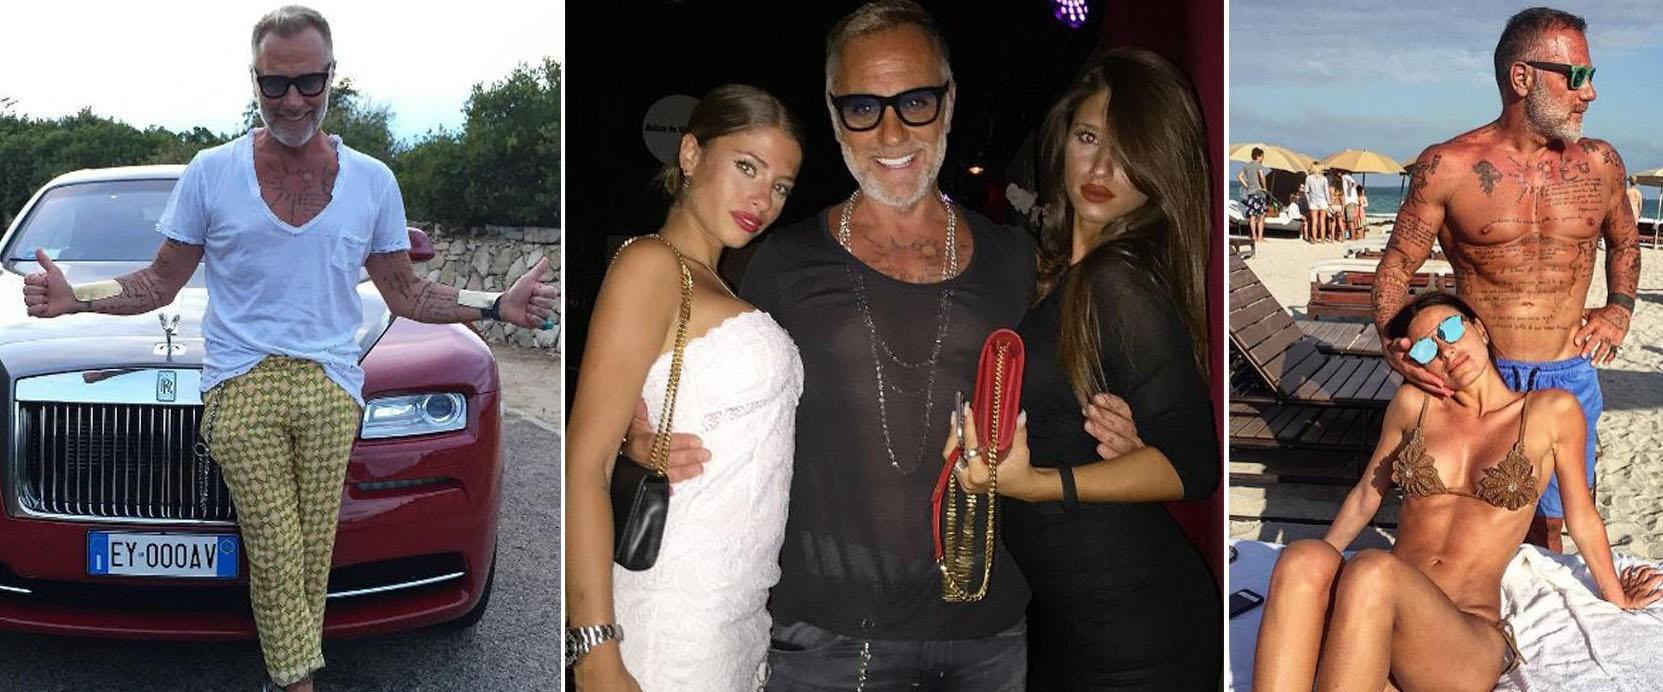 NYTER LIVET: Den 49 år gamle milliardæren Gianluca Vacchi elsker livet og deler store deler av det på Instagram.